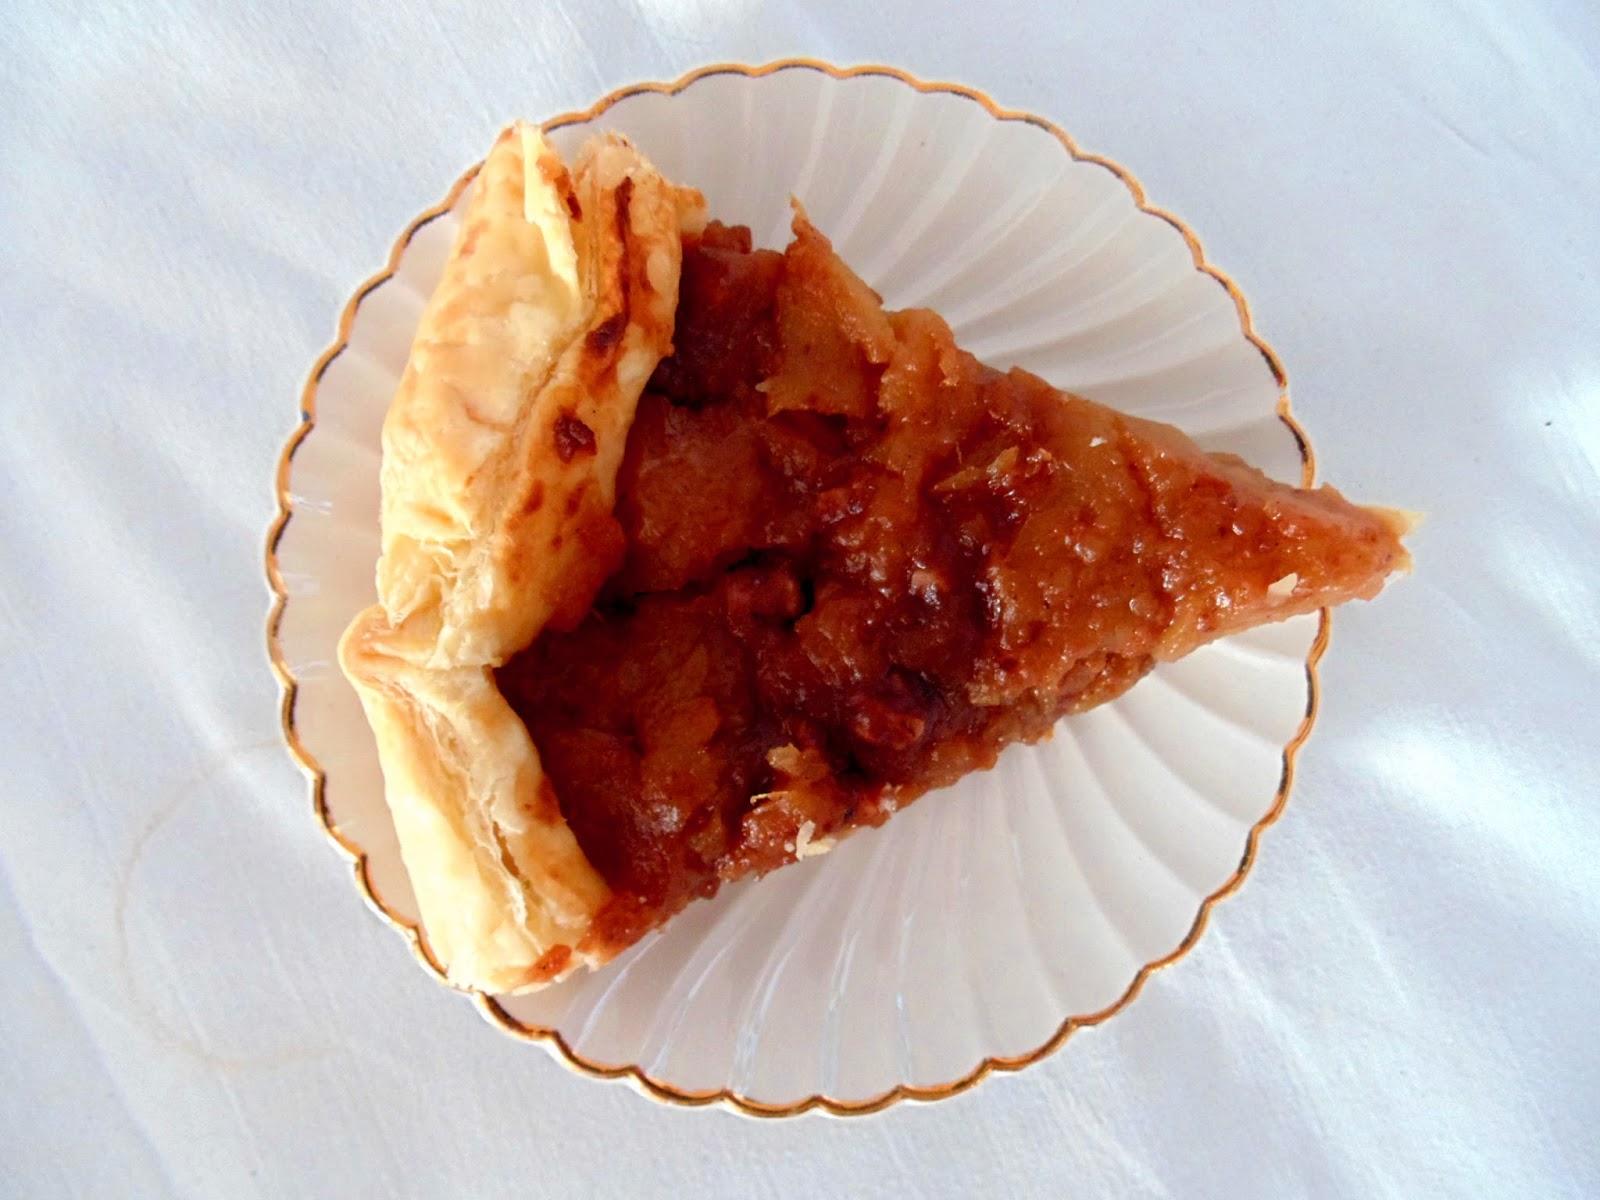 Gateau gaga love cakes tarte la compote pomme poire - Maison de la pomme et de la poire ...